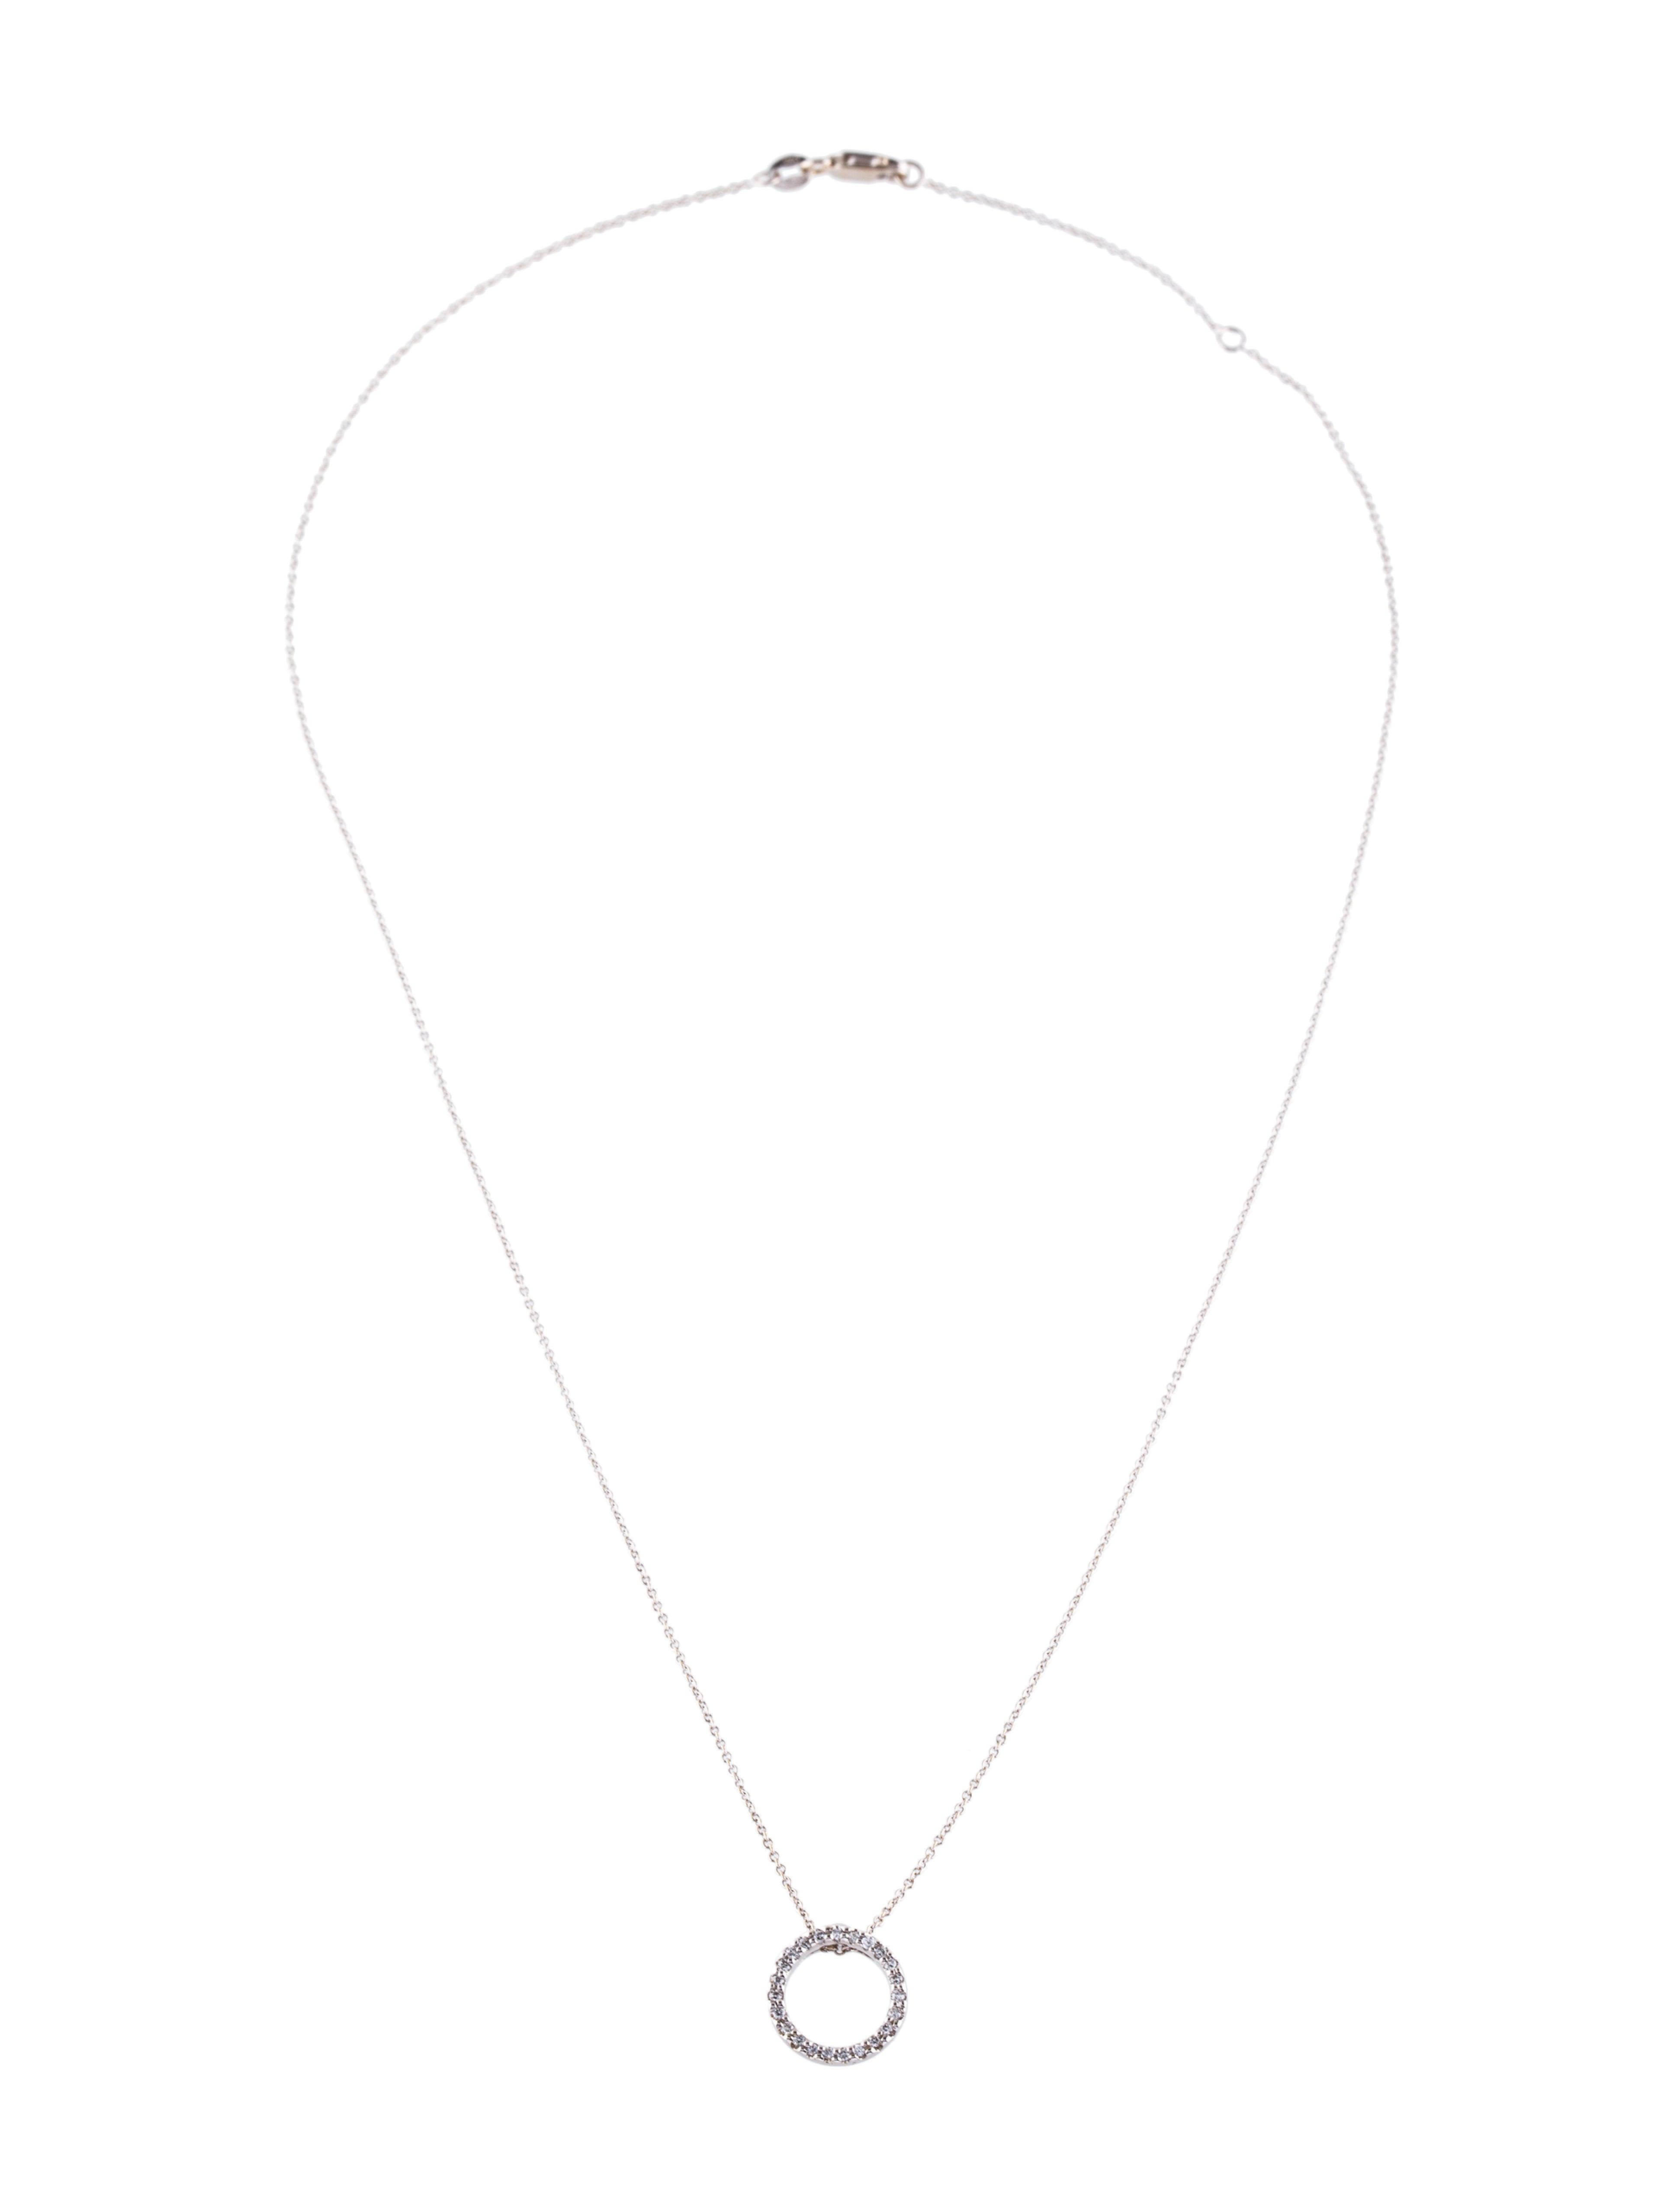 Roberto coin 18k diamond circle pendant necklace necklaces 18k diamond circle pendant necklace aloadofball Gallery